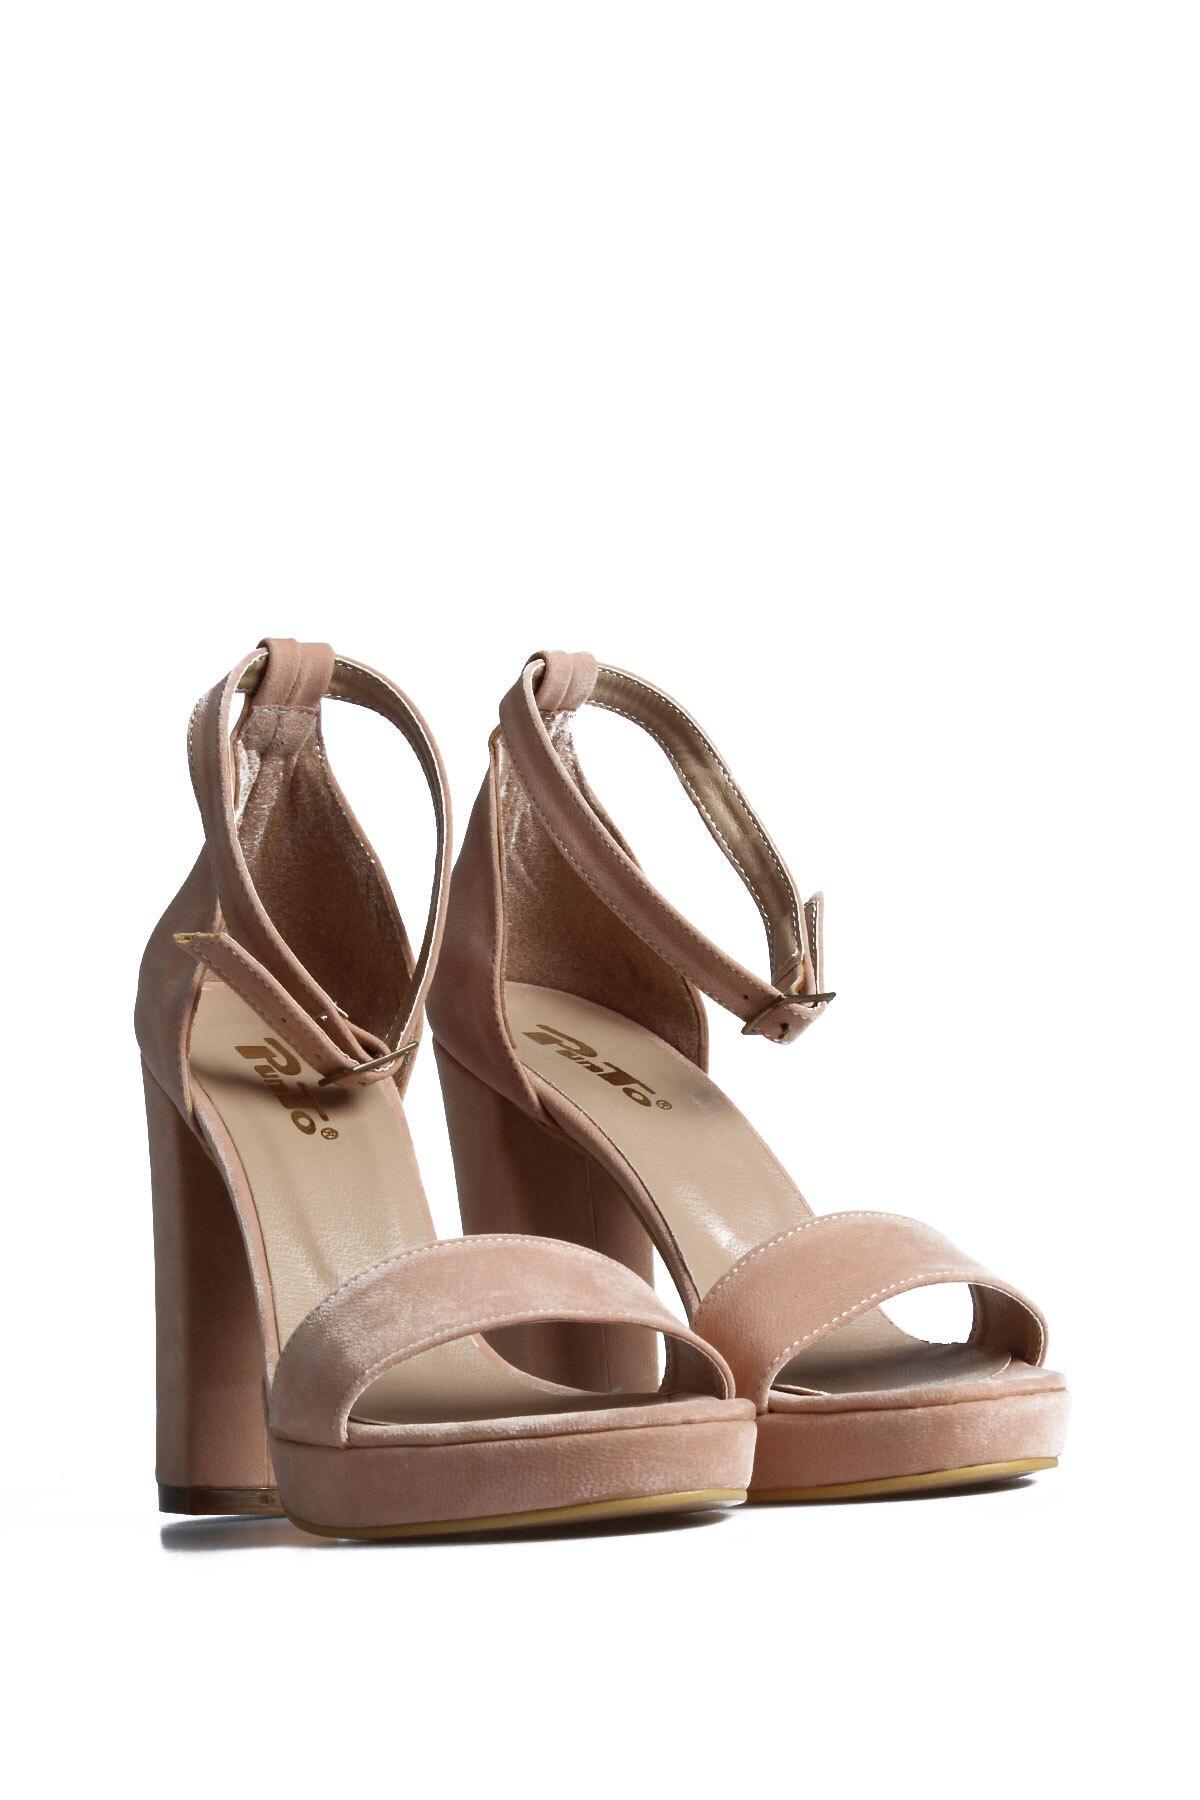 PUNTO Kadın Pudra Süet Günlük Topuklu Ayakkabı 1